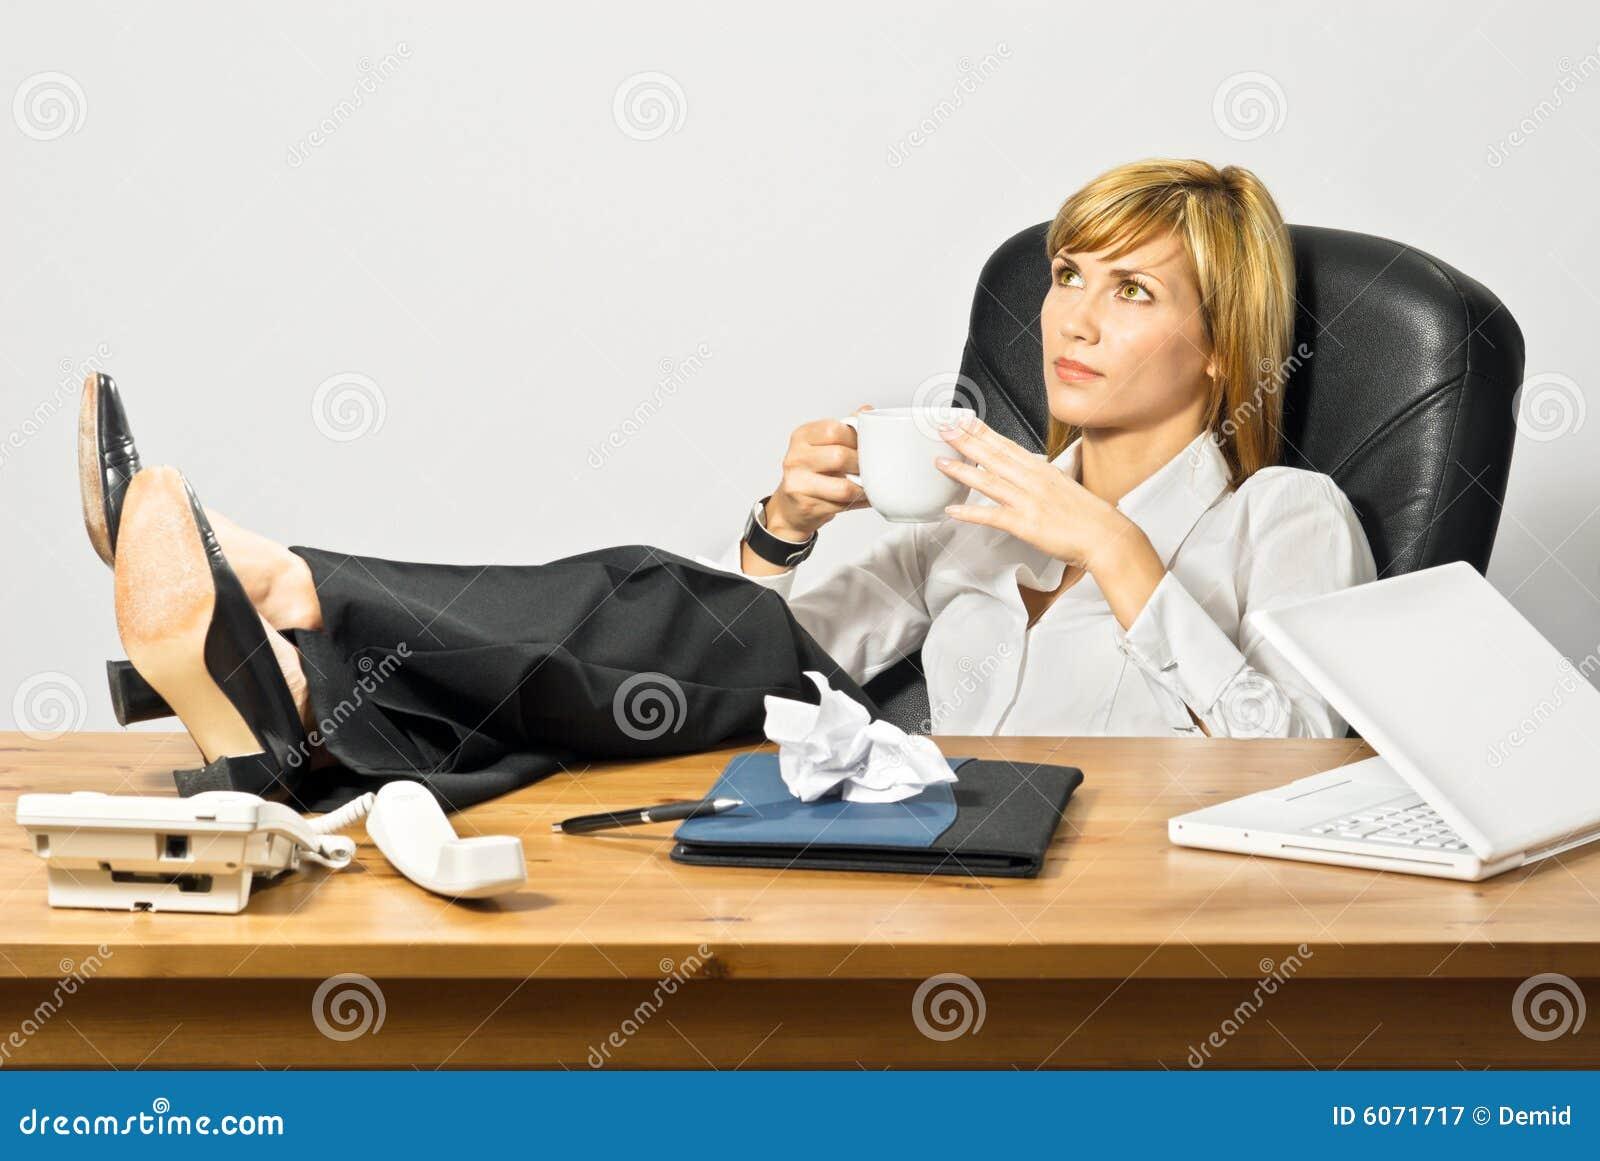 lazy female manager - photo #8